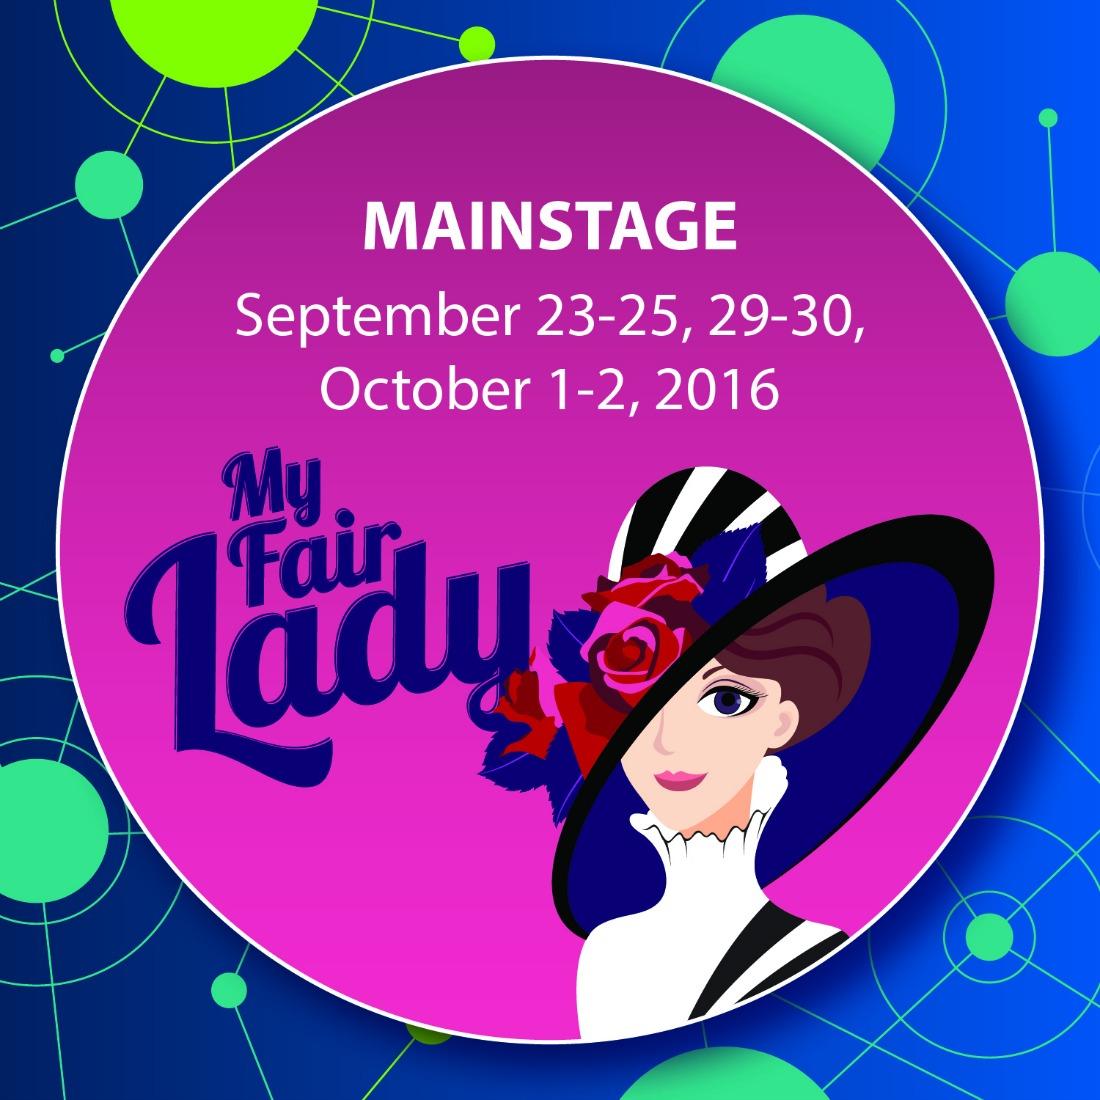 My Fair Lady - Auditions Soon!